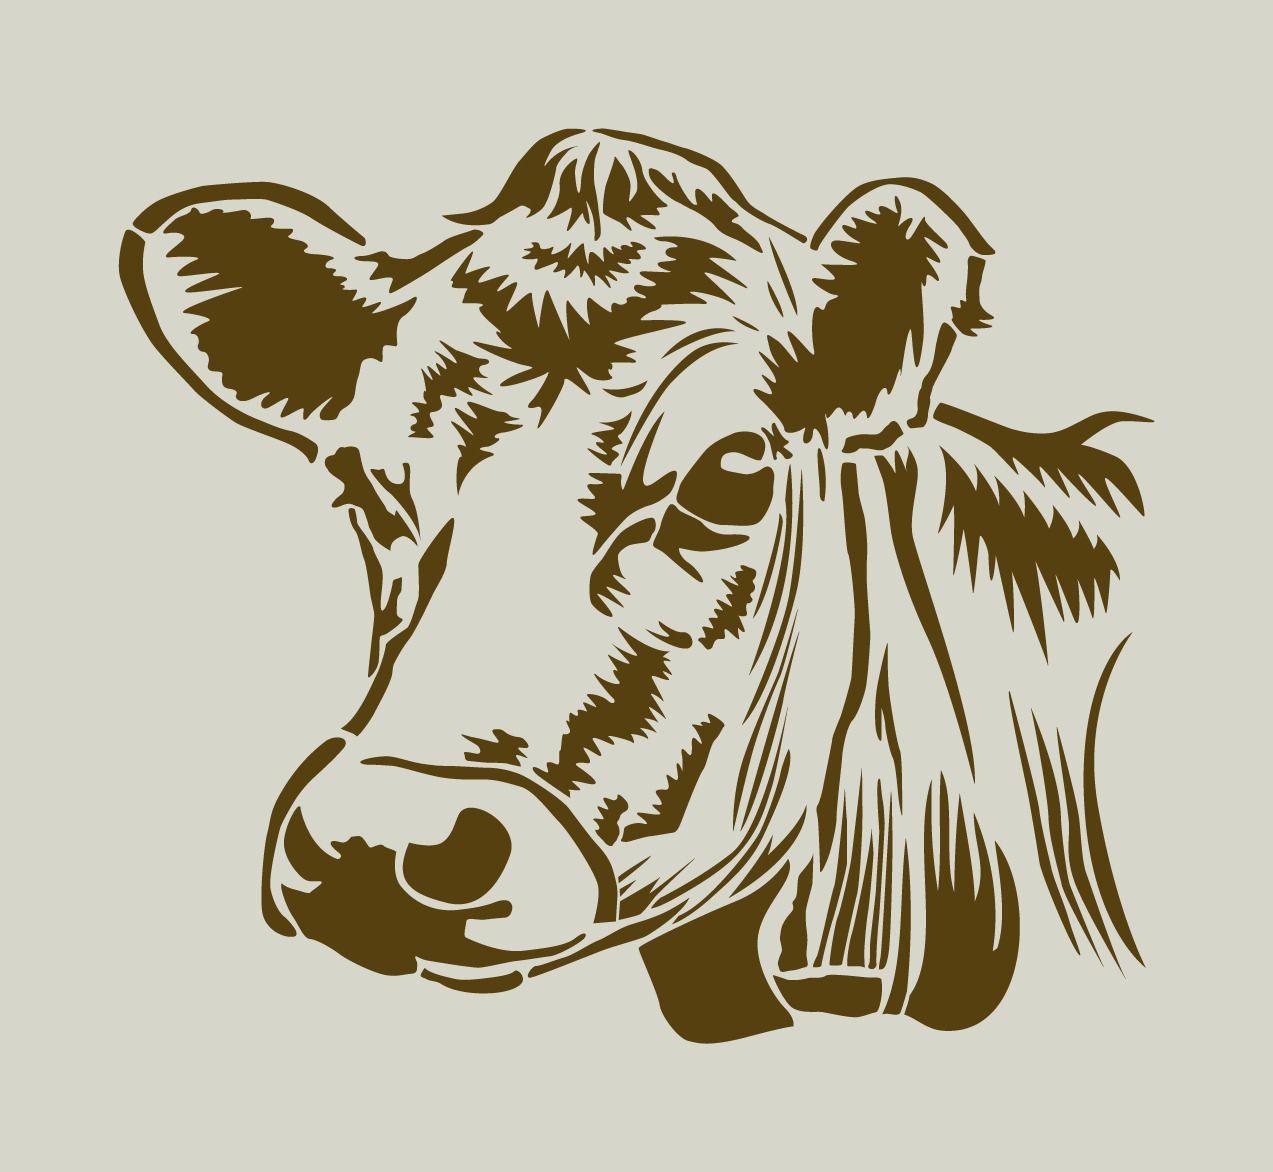 Vache t te de vache pochoir en vinyle adh sif ref 143 for Adhesif decoration